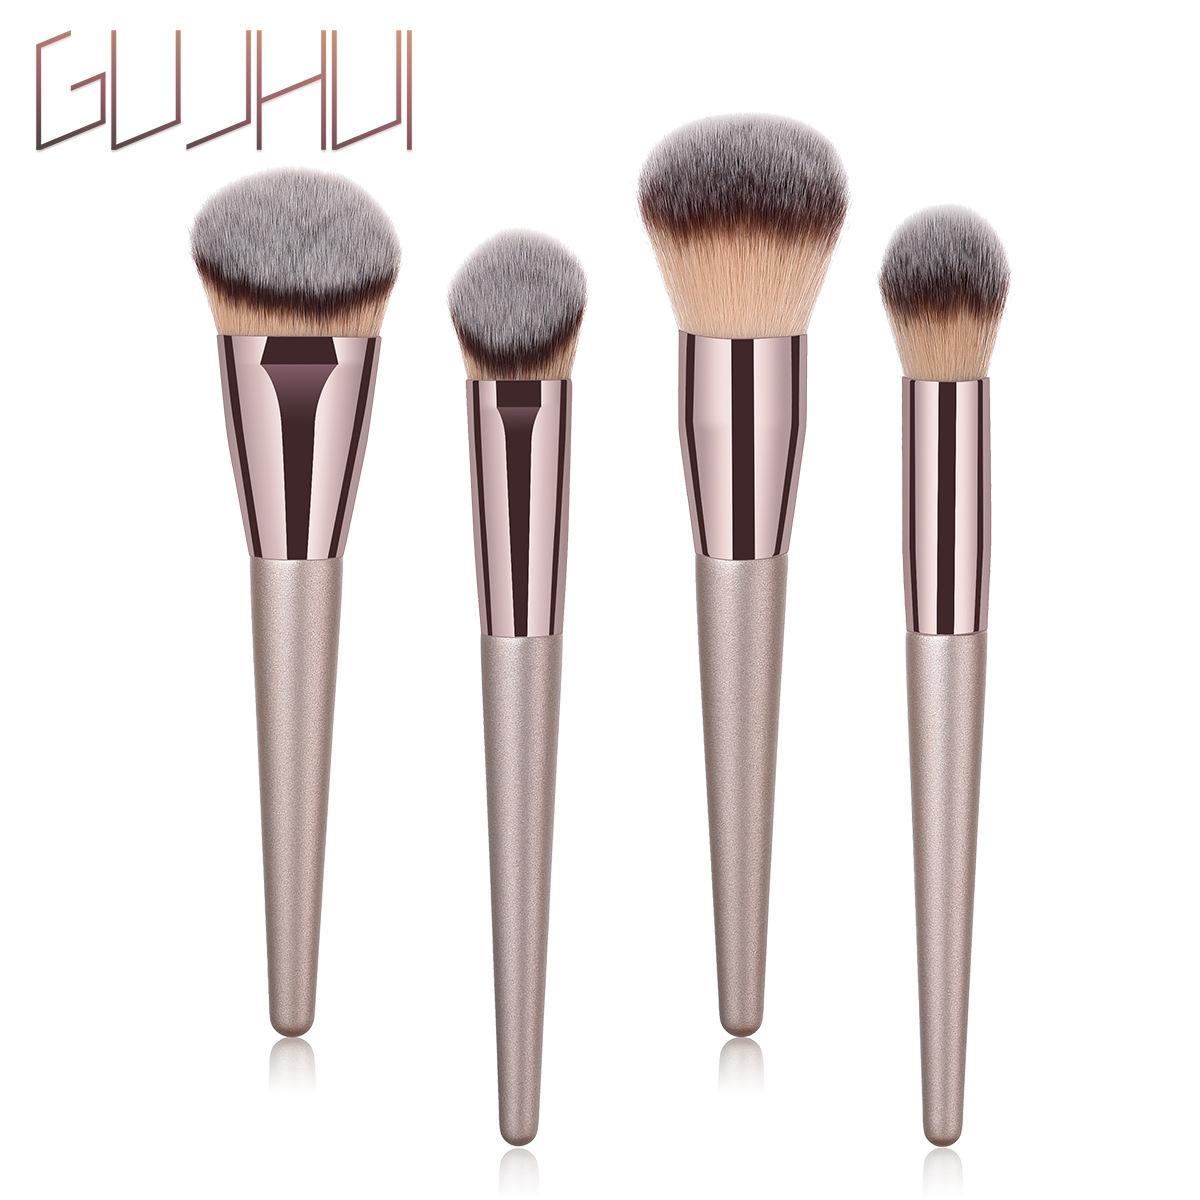 beauté chaud Marque 4pcs = bois 1set handlel ombre à paupières brosse de brosse de poudre de maquillage brosse eye-liner anticernes